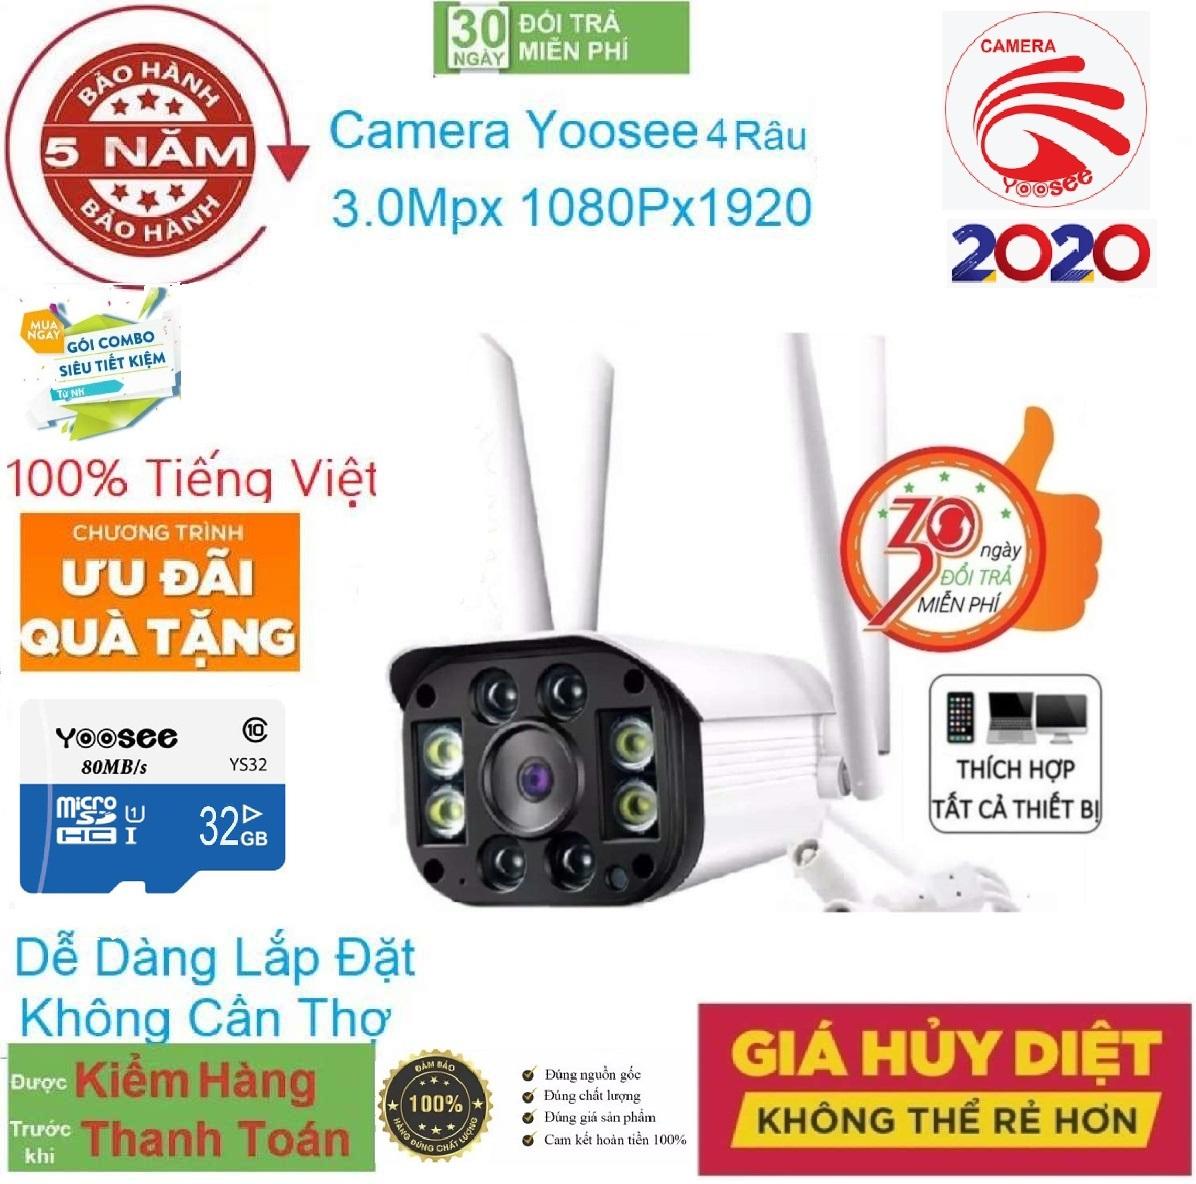 [CÓ MÀU BAN ĐÊM + COMBO KÈM THẺ NHỚ 32 GB ] camera wifi 3.0 ngoài trời - trong nhà camera yoosee 4 Râu 3.0 Mpx full hd 1080p - hỗ trợ 4 đèn hồng ngoại và 4 đèn LEDNEW